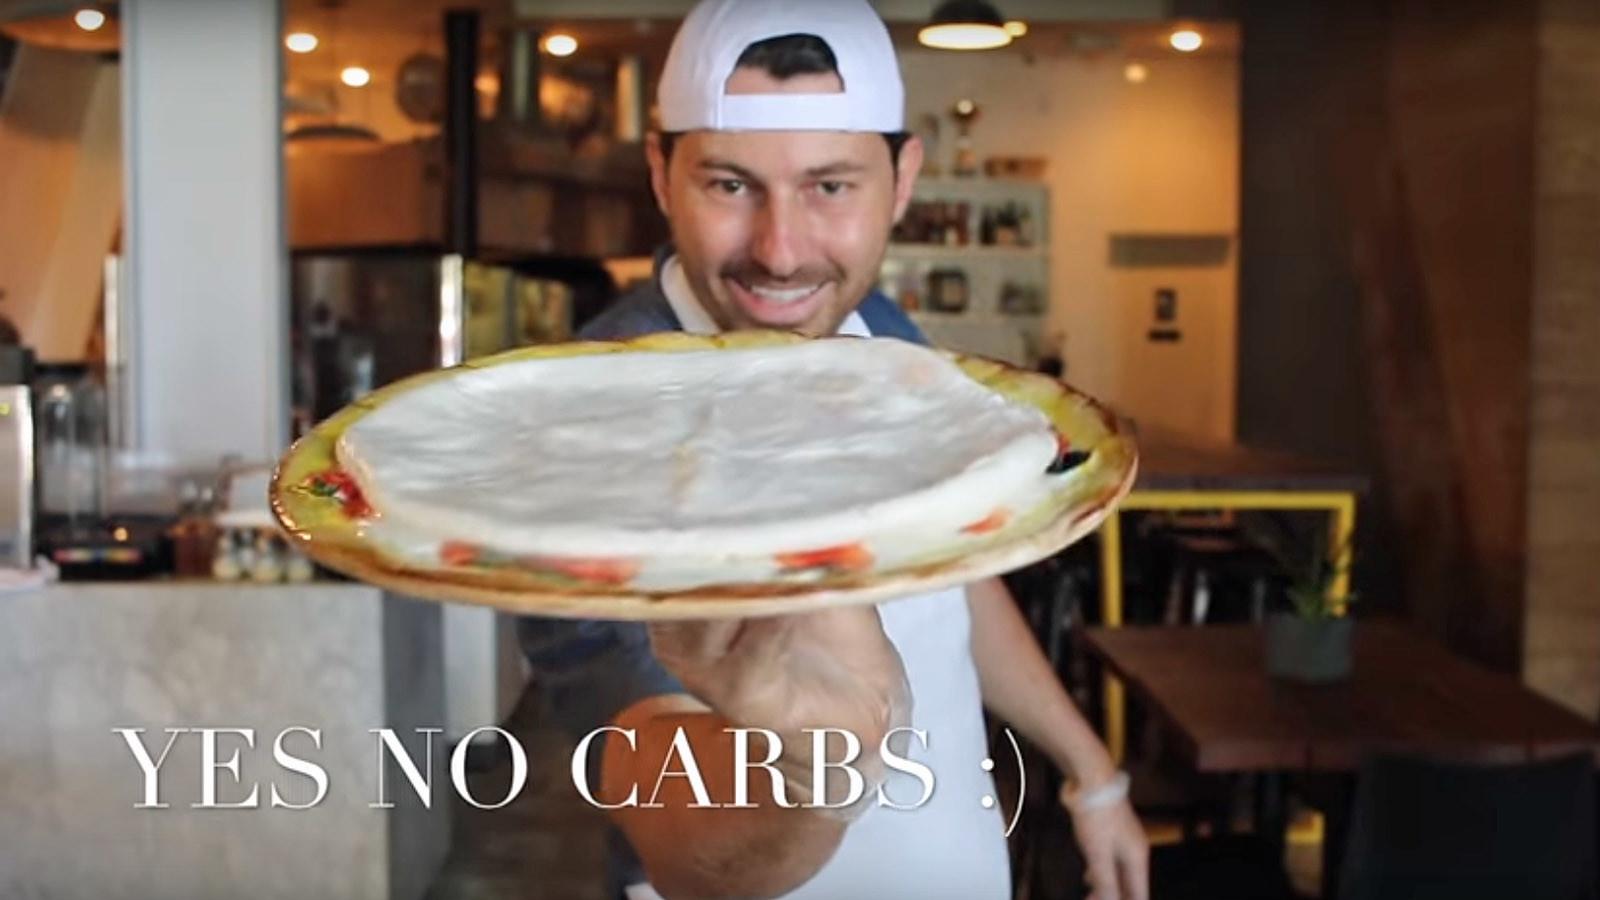 Chef Vito Iacopelli shows off his Mo-Pizza creation.